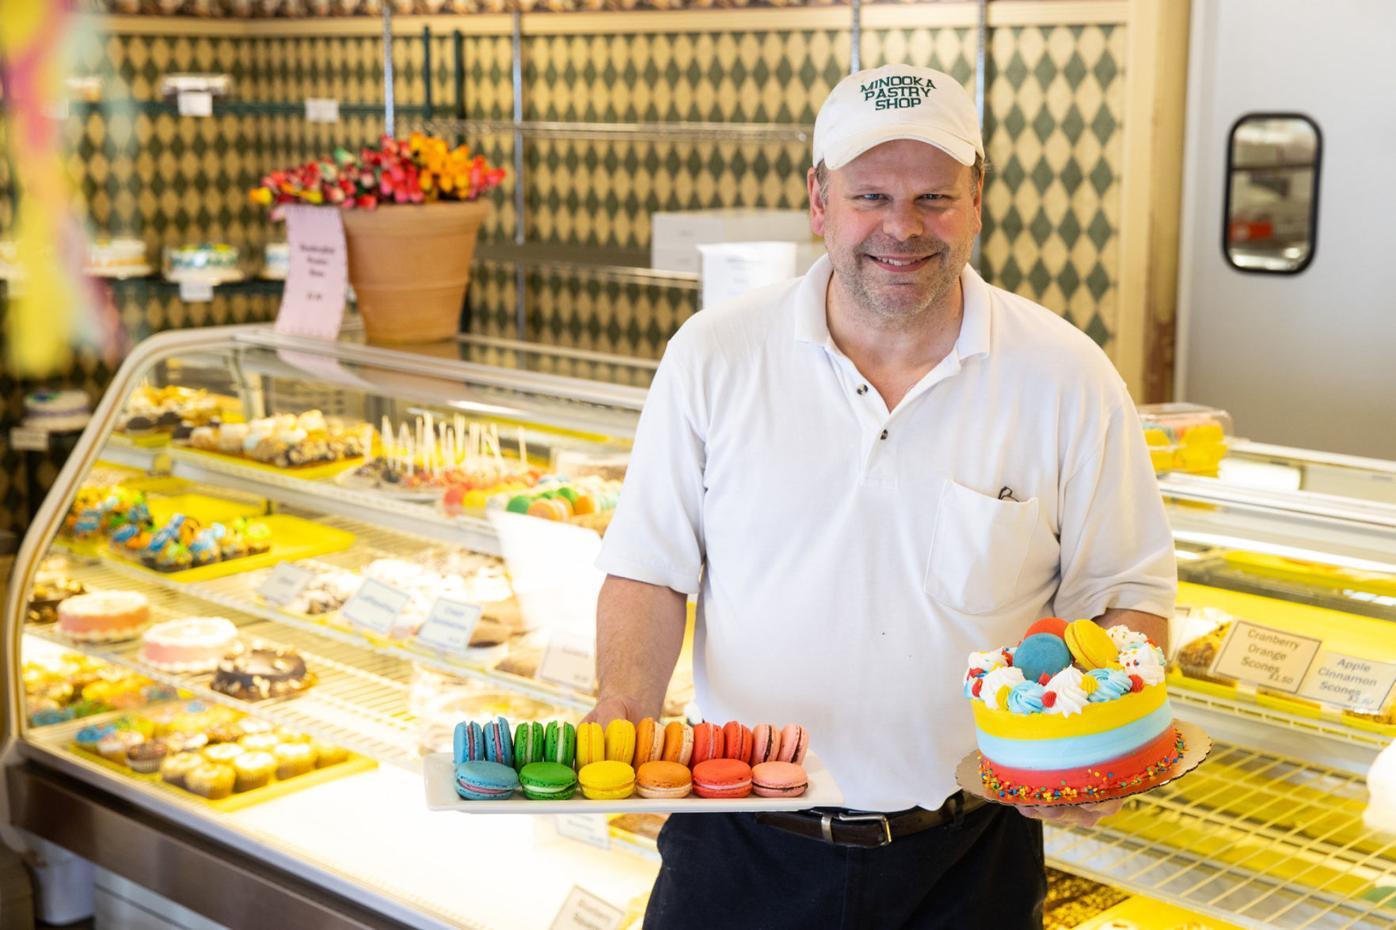 Local Flavor Minooka Pastry Shop